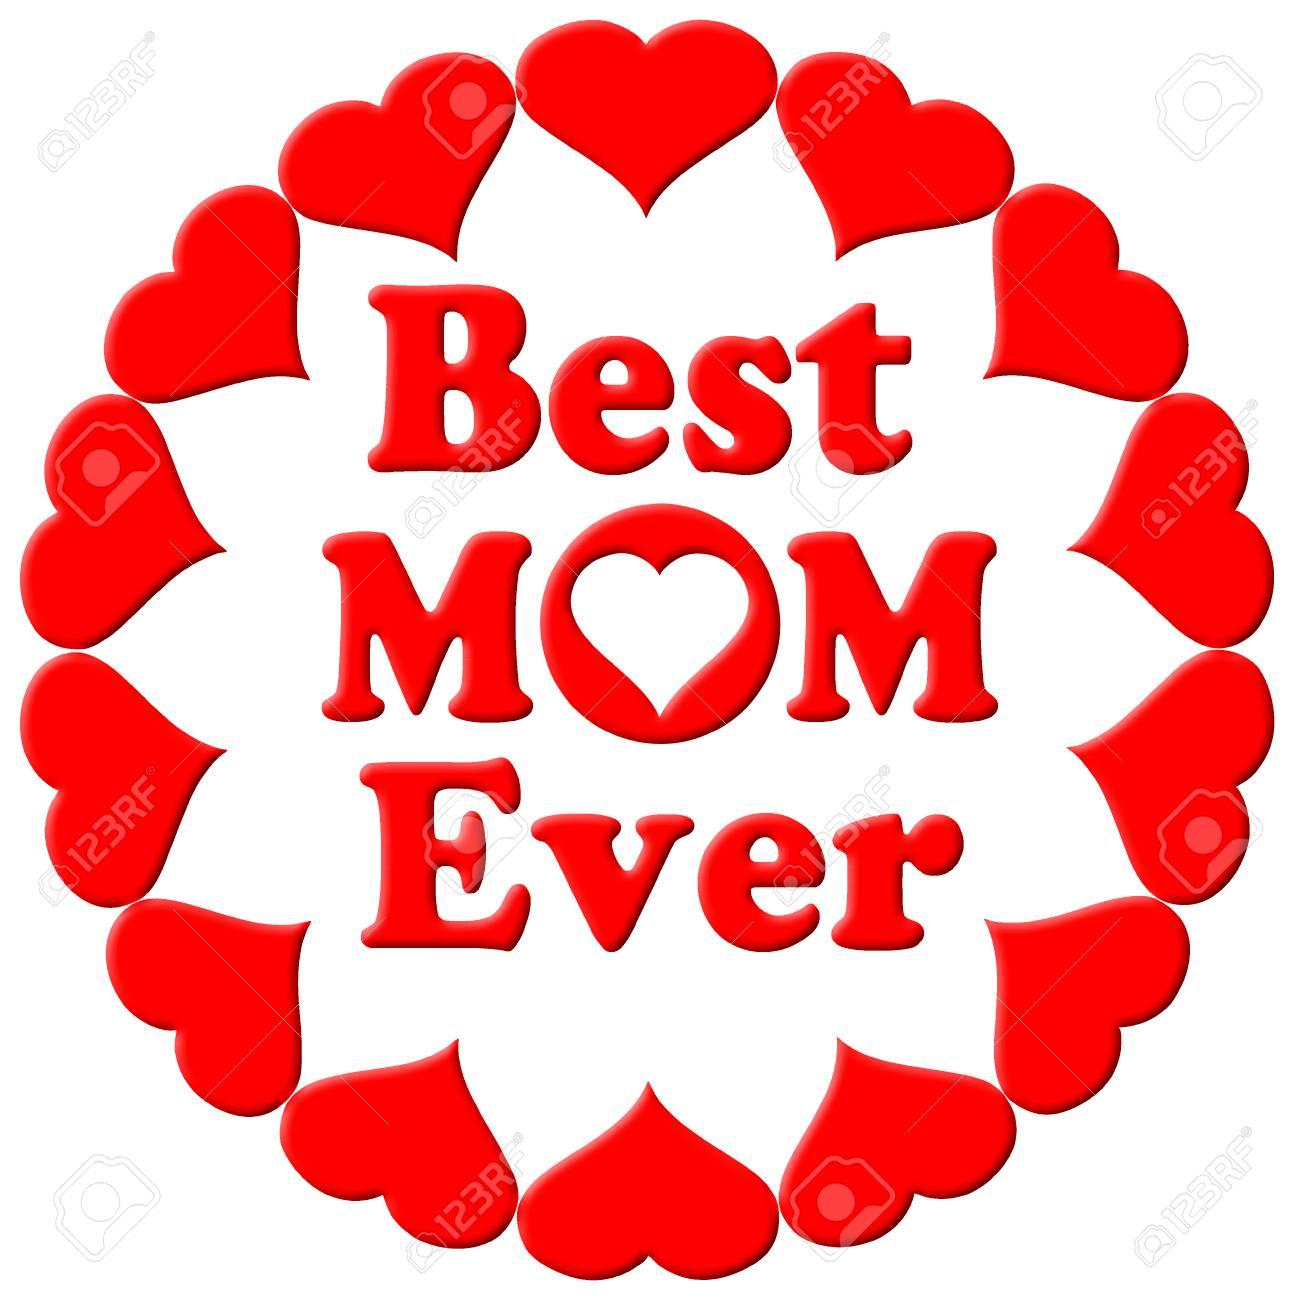 Ilustración Tipográfica Feliz Día De La Madre En 3d Con Corazones La Mejor Tarjeta De Regalo Para Mamá En Rojo